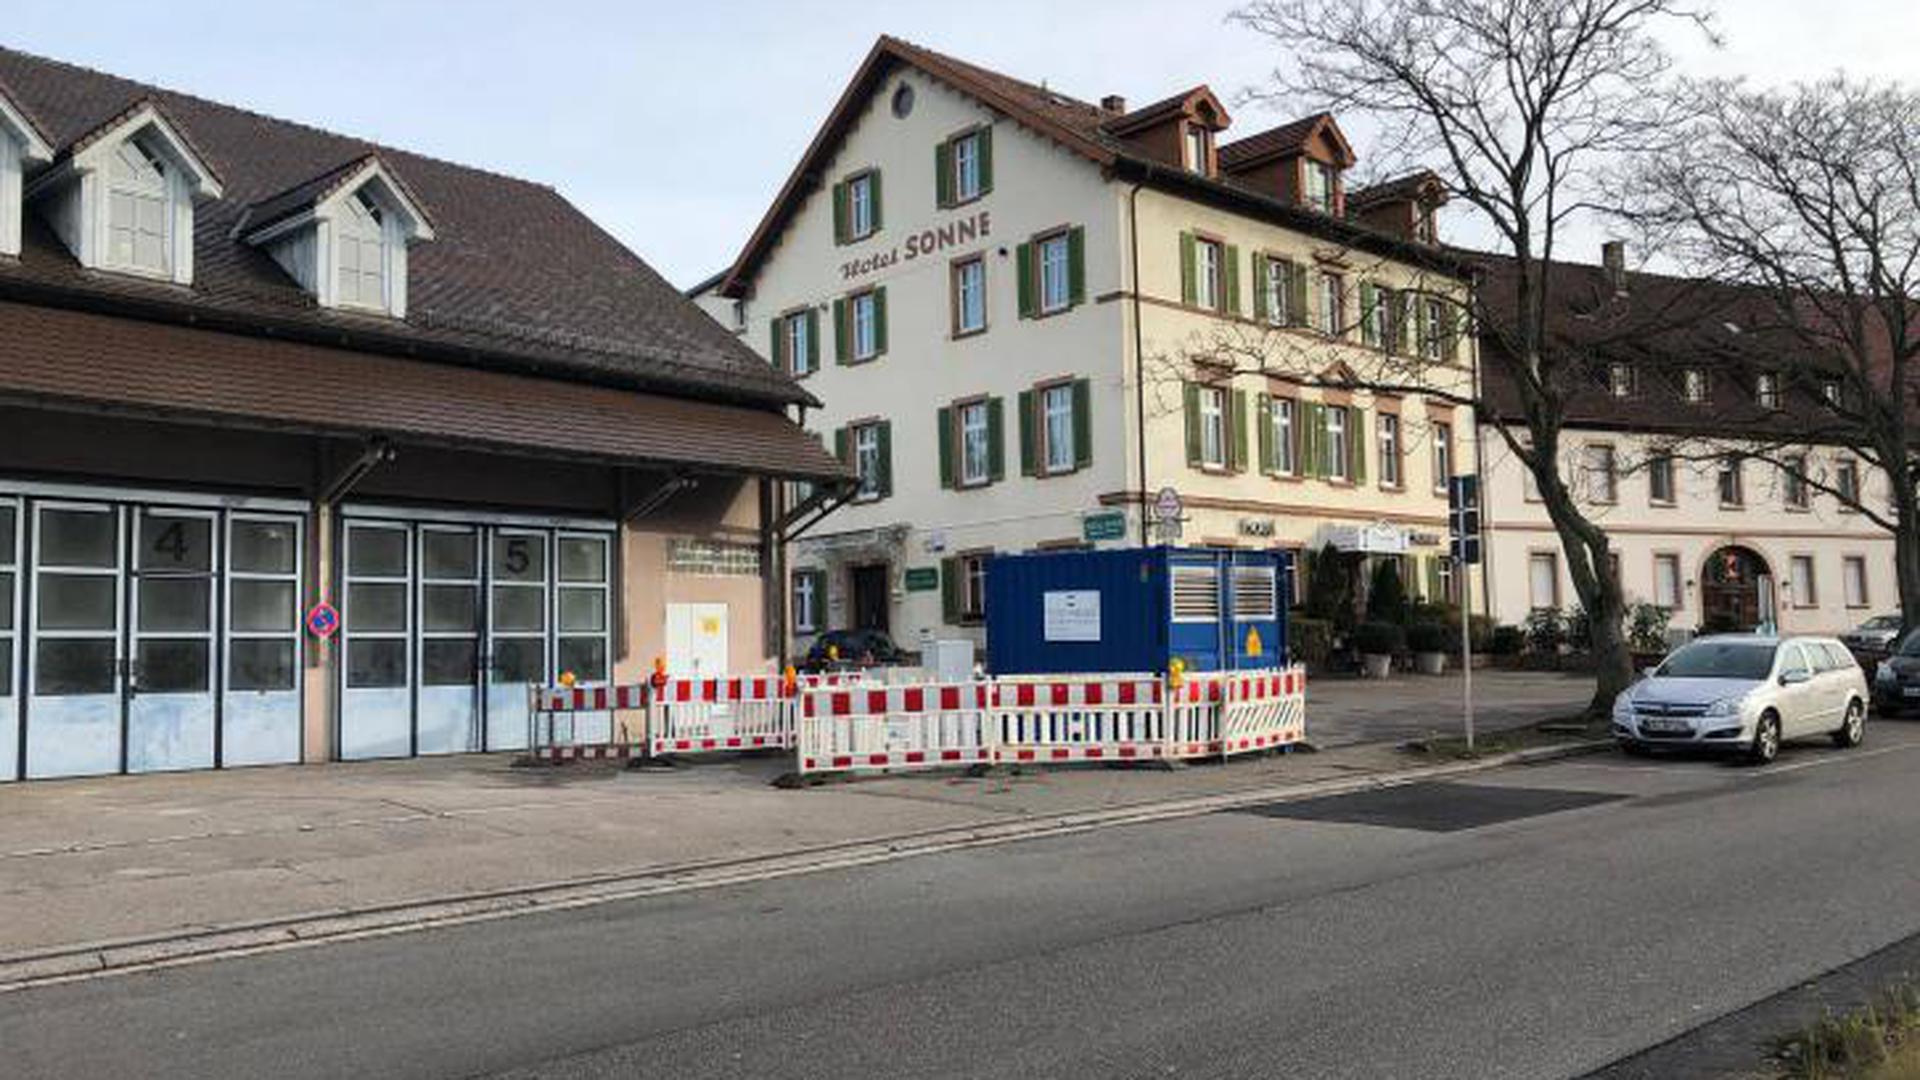 Auch die alte Fahrzeughalle neben dem Hotel Sonne wird weichen. Rechts im Container die Stromspannstation der Stadtwerke.